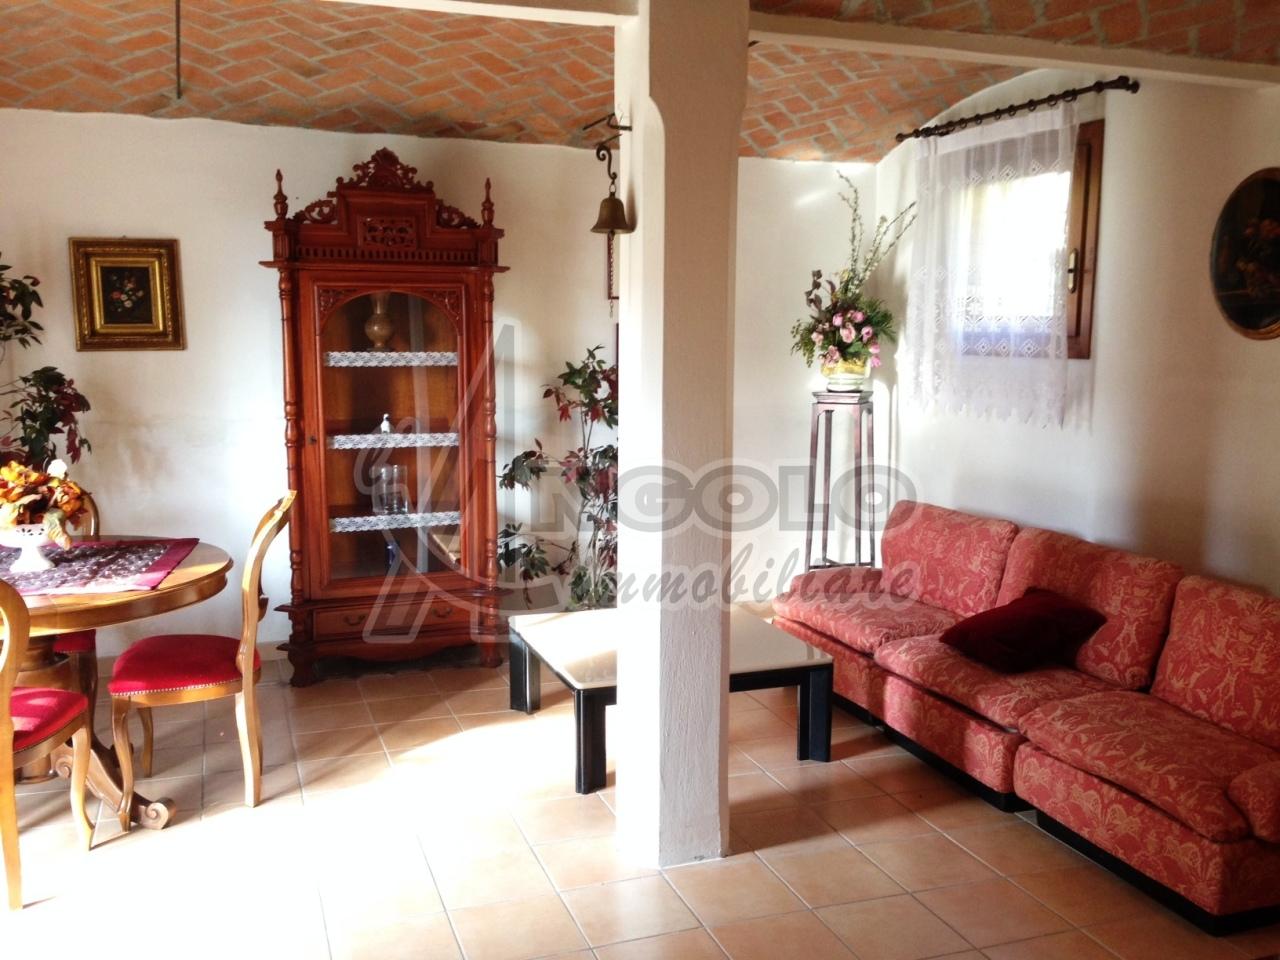 Appartamento in affitto a Occhiobello, 4 locali, prezzo € 475 | Cambio Casa.it